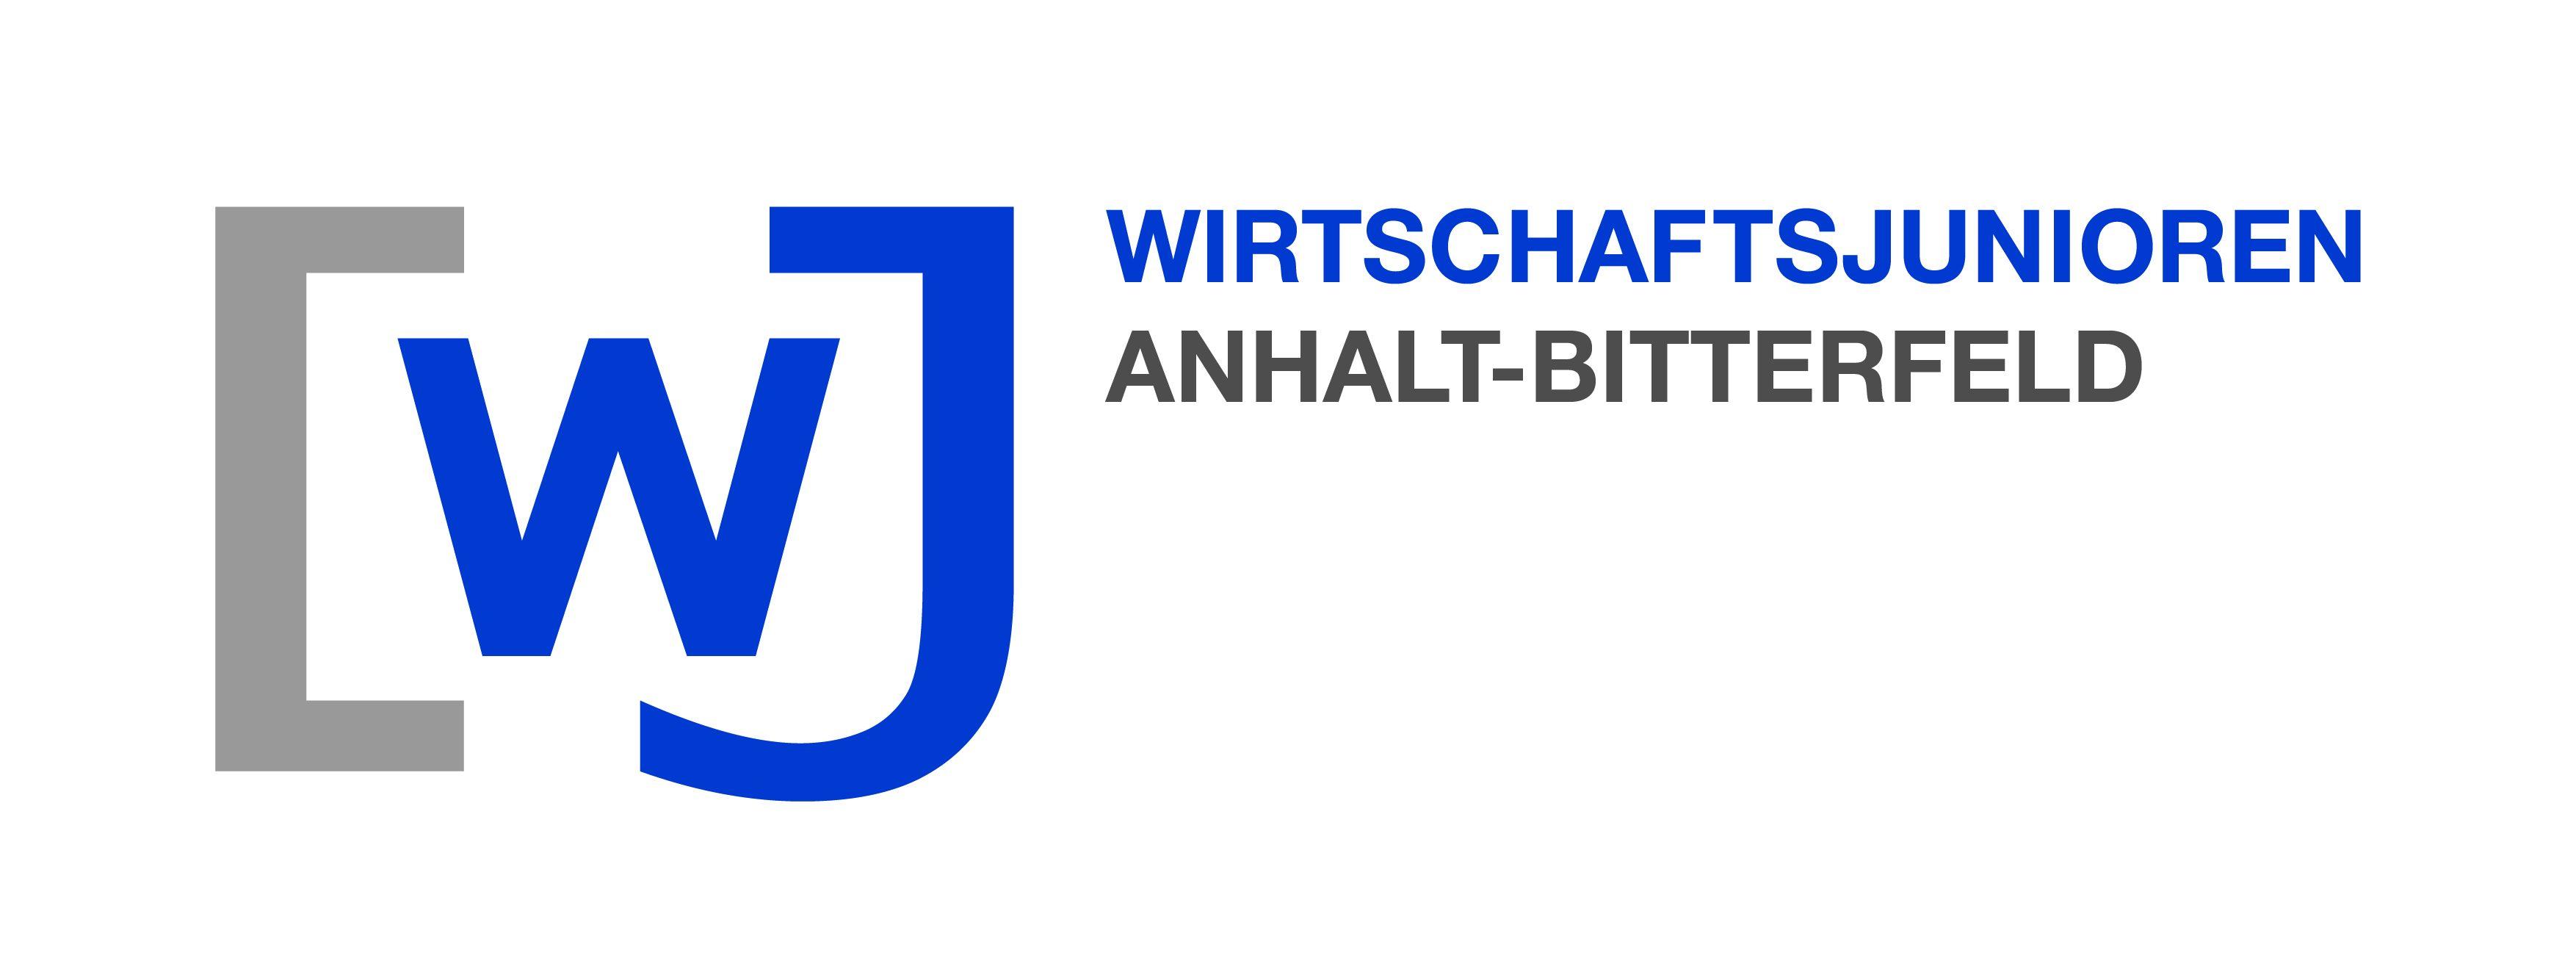 Wirtschaftsjunioren Anhalt-Bitterfeld